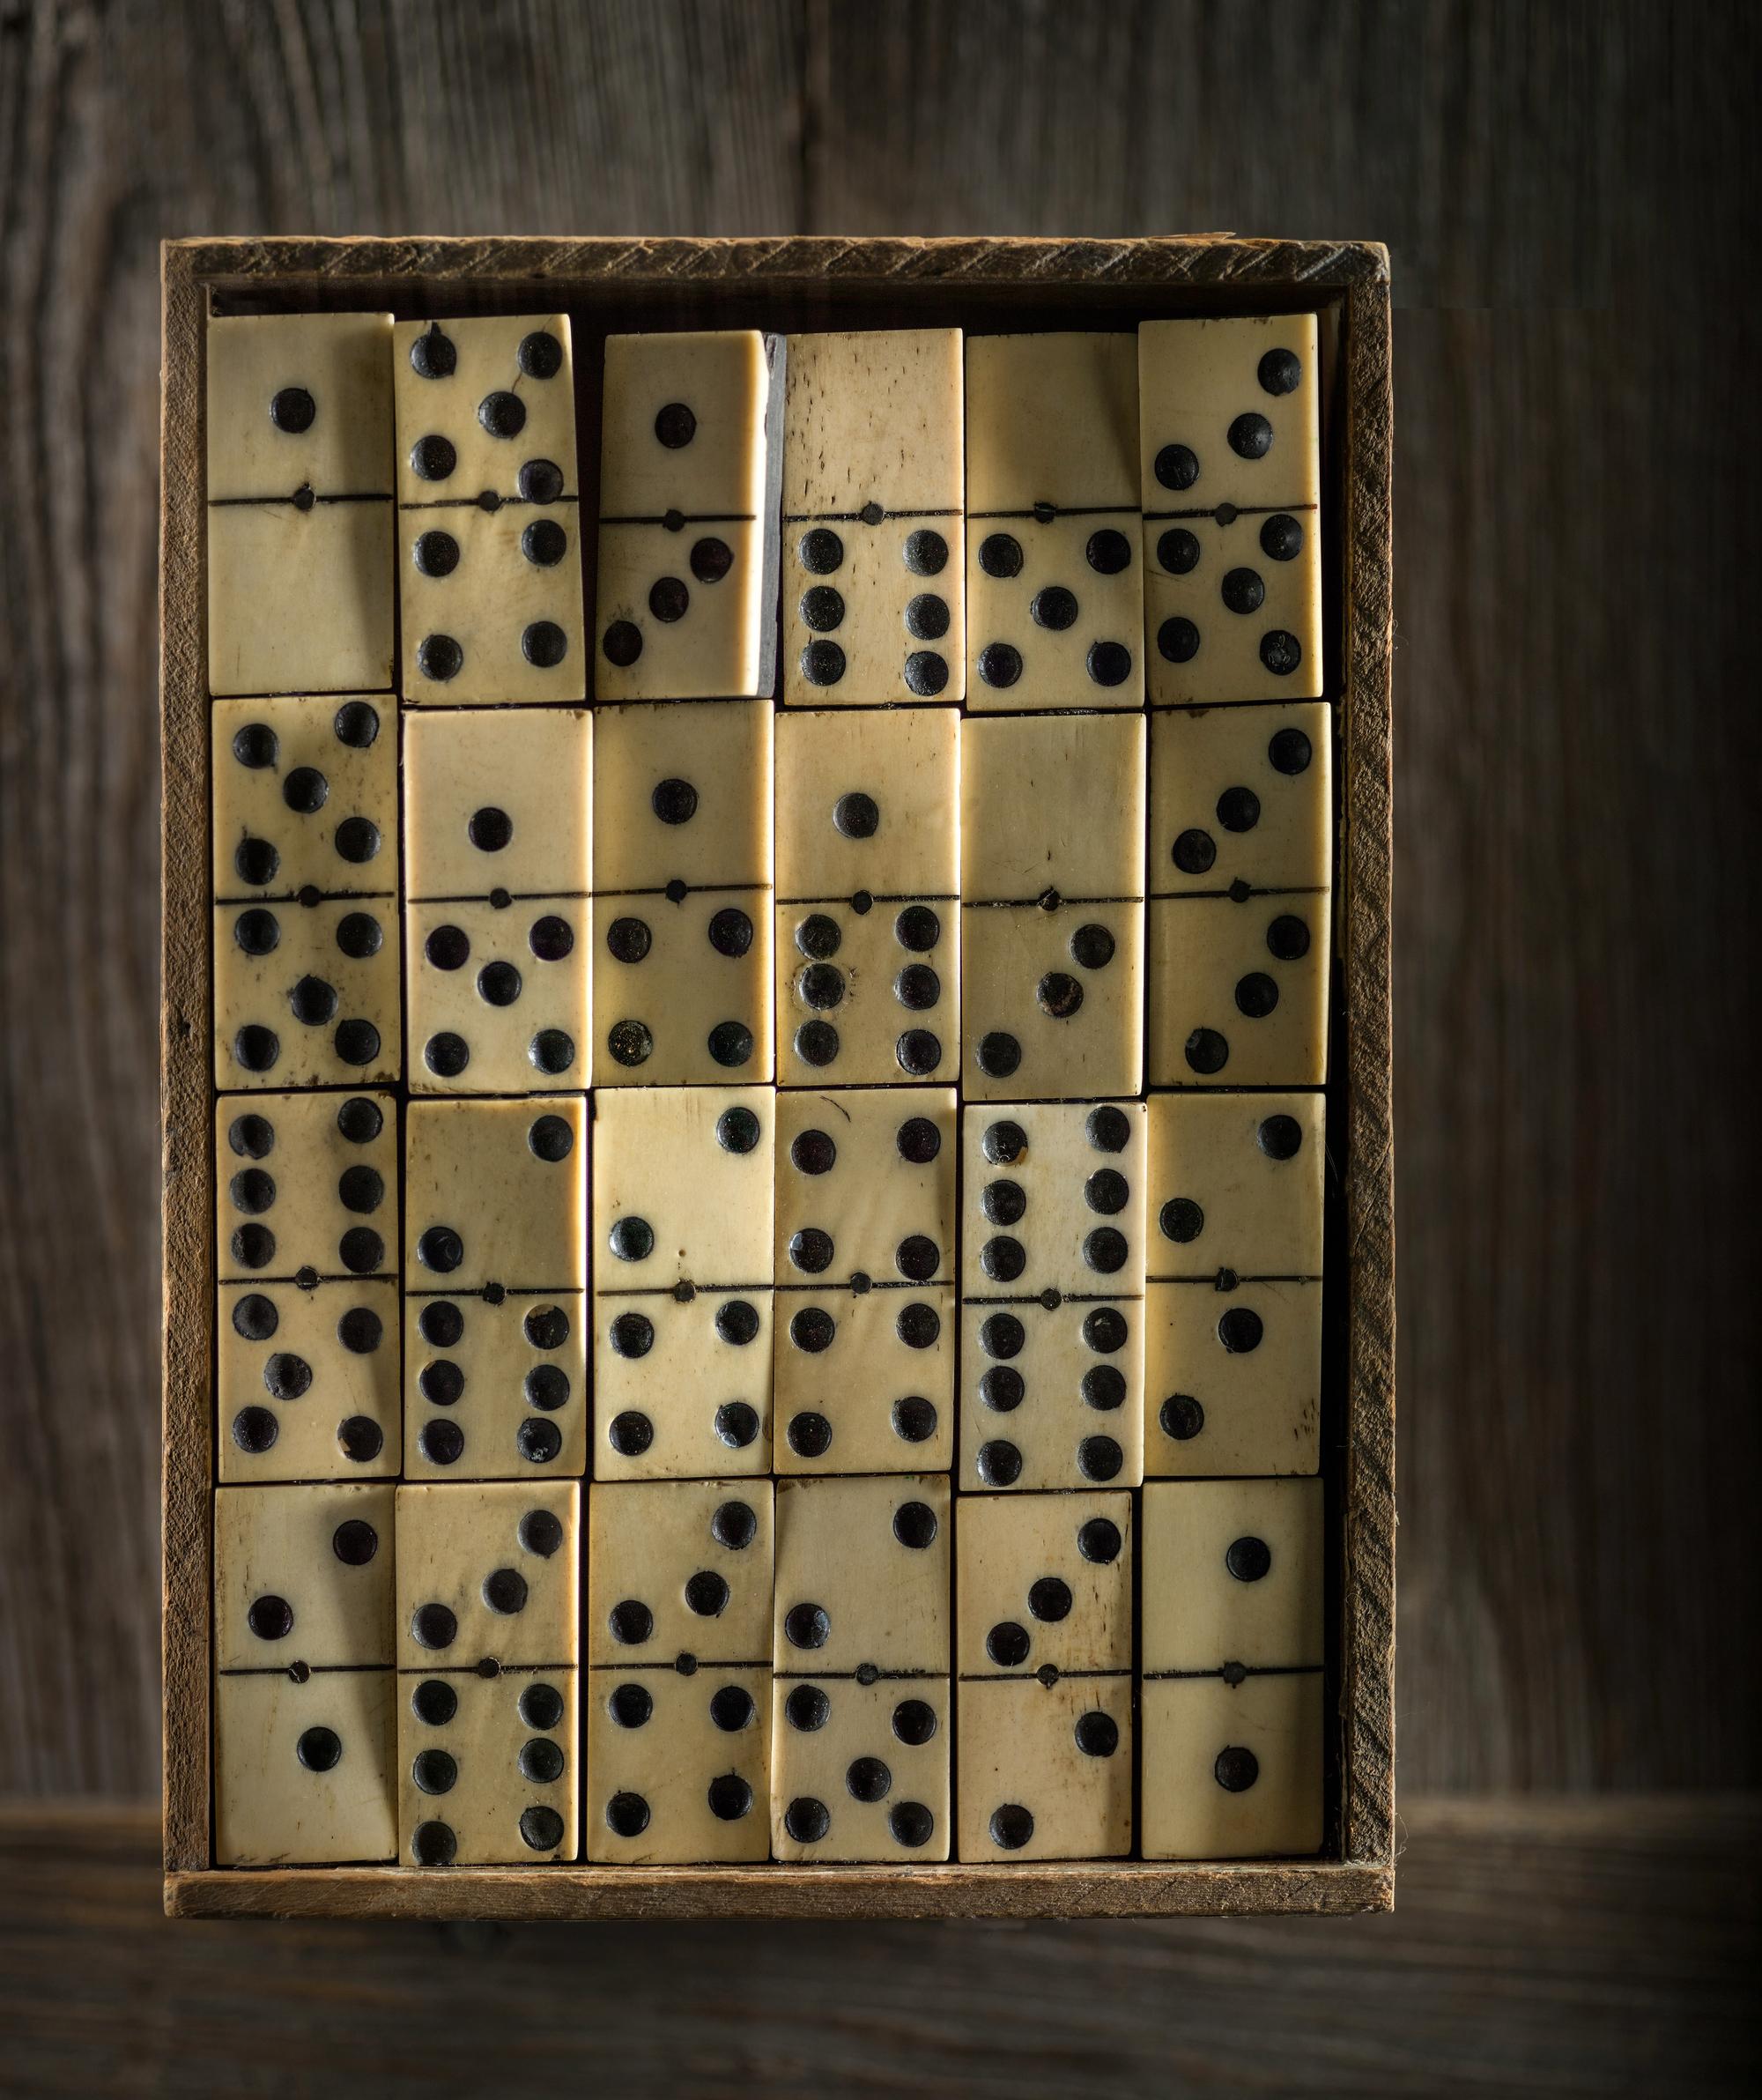 dominobox-9425TC.jpg